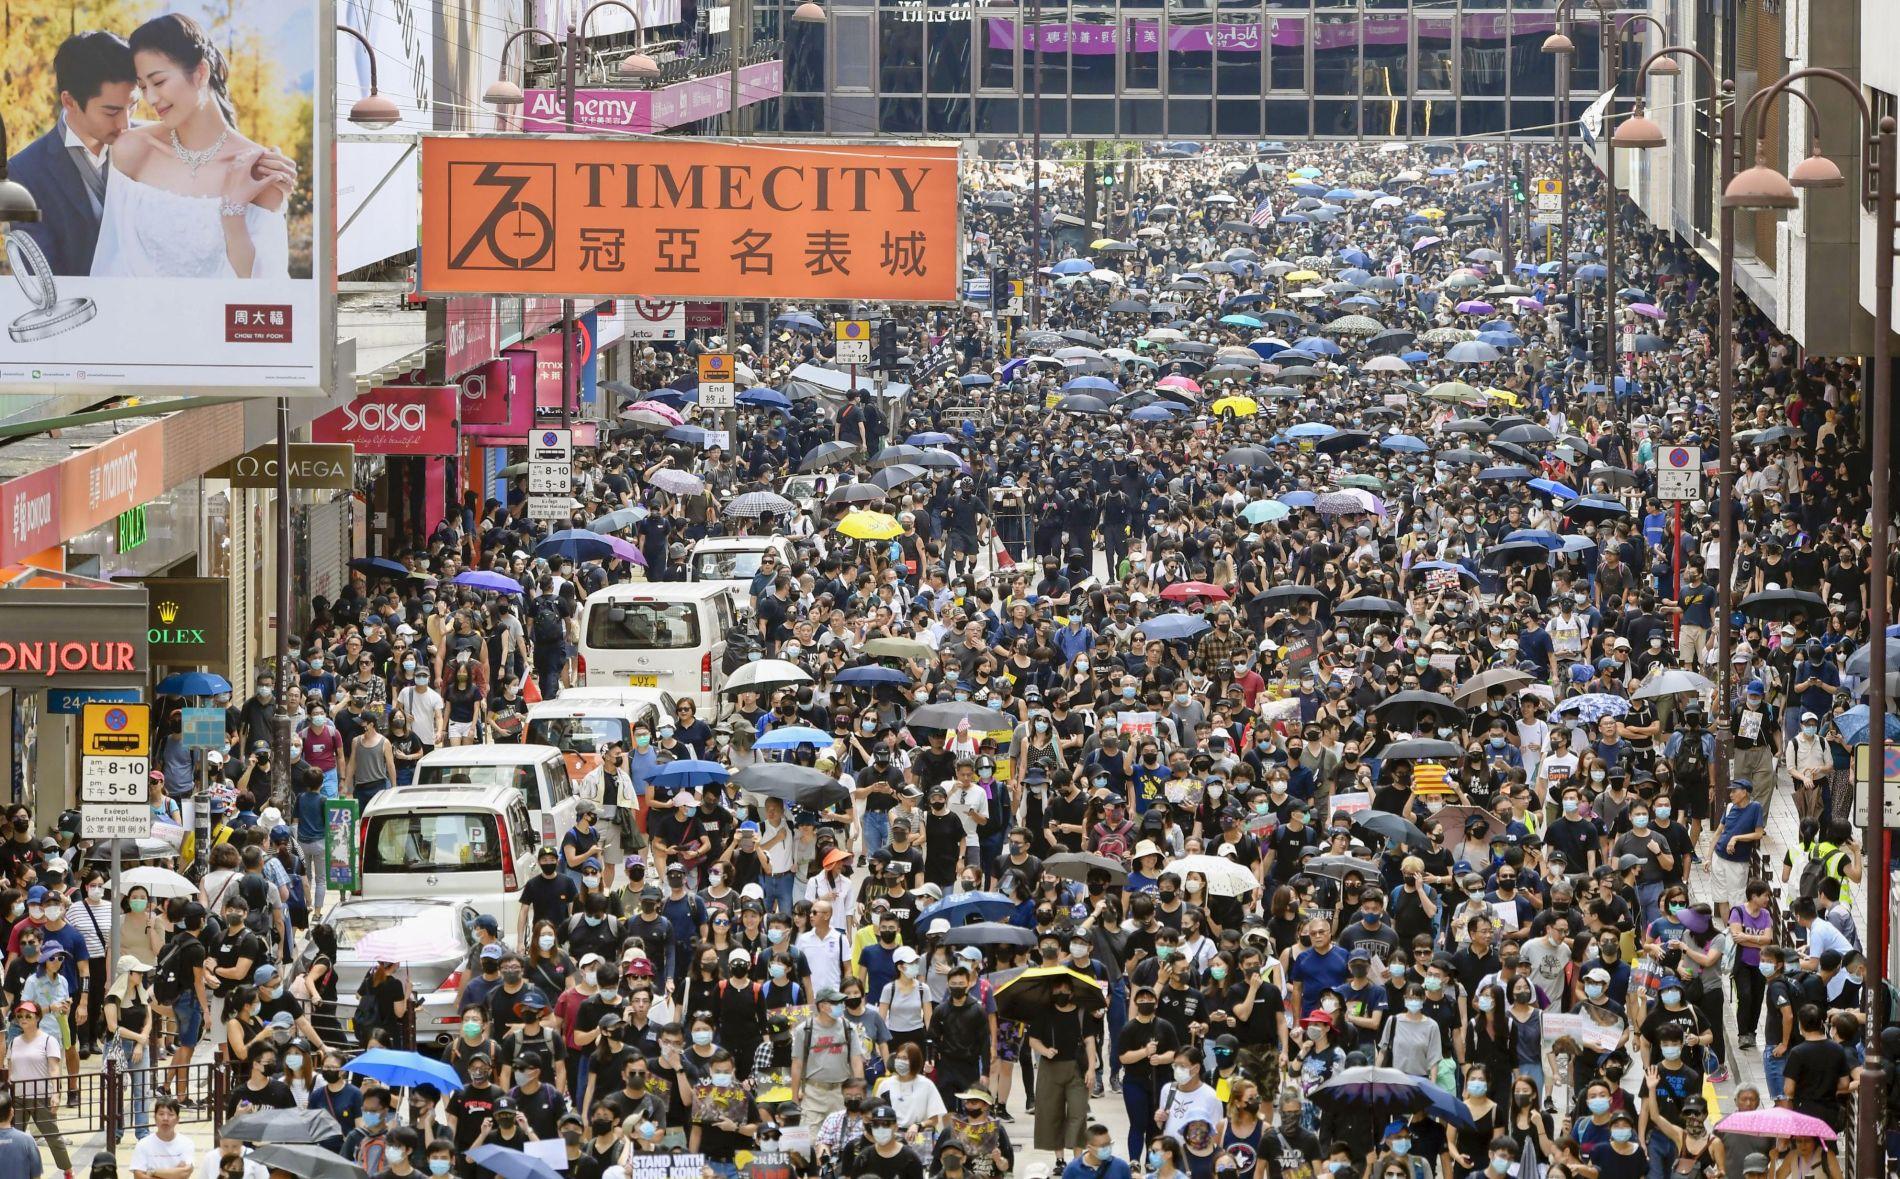 Hong Kong November 7 2019